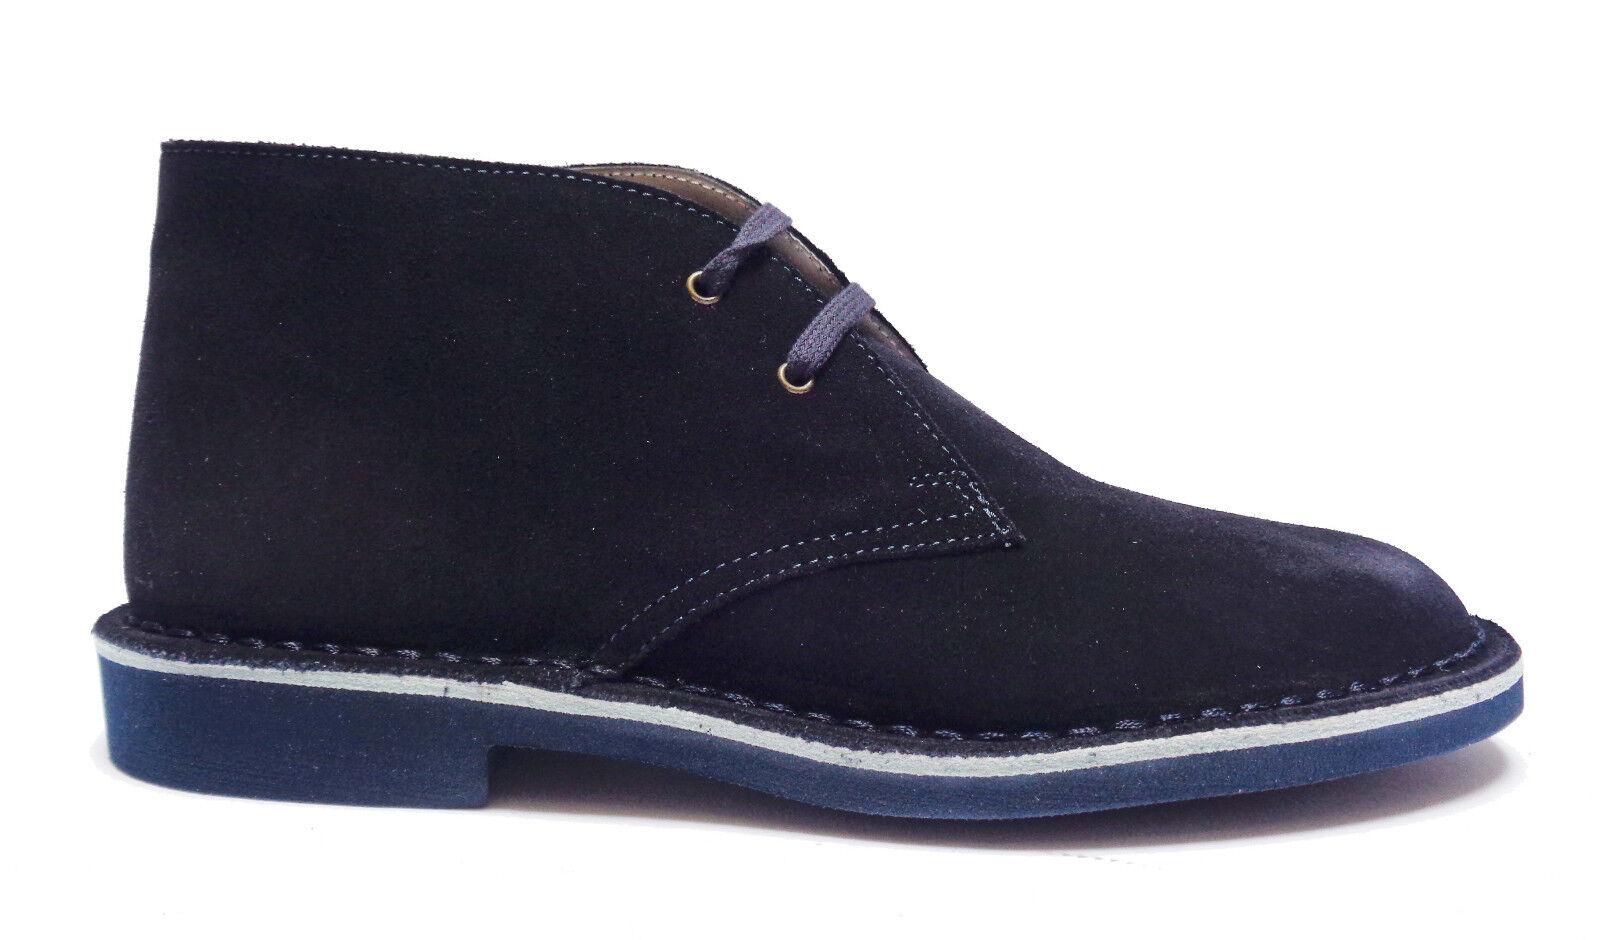 Chaussures Asics GT 2000 6 jaune noir Dessin de mode